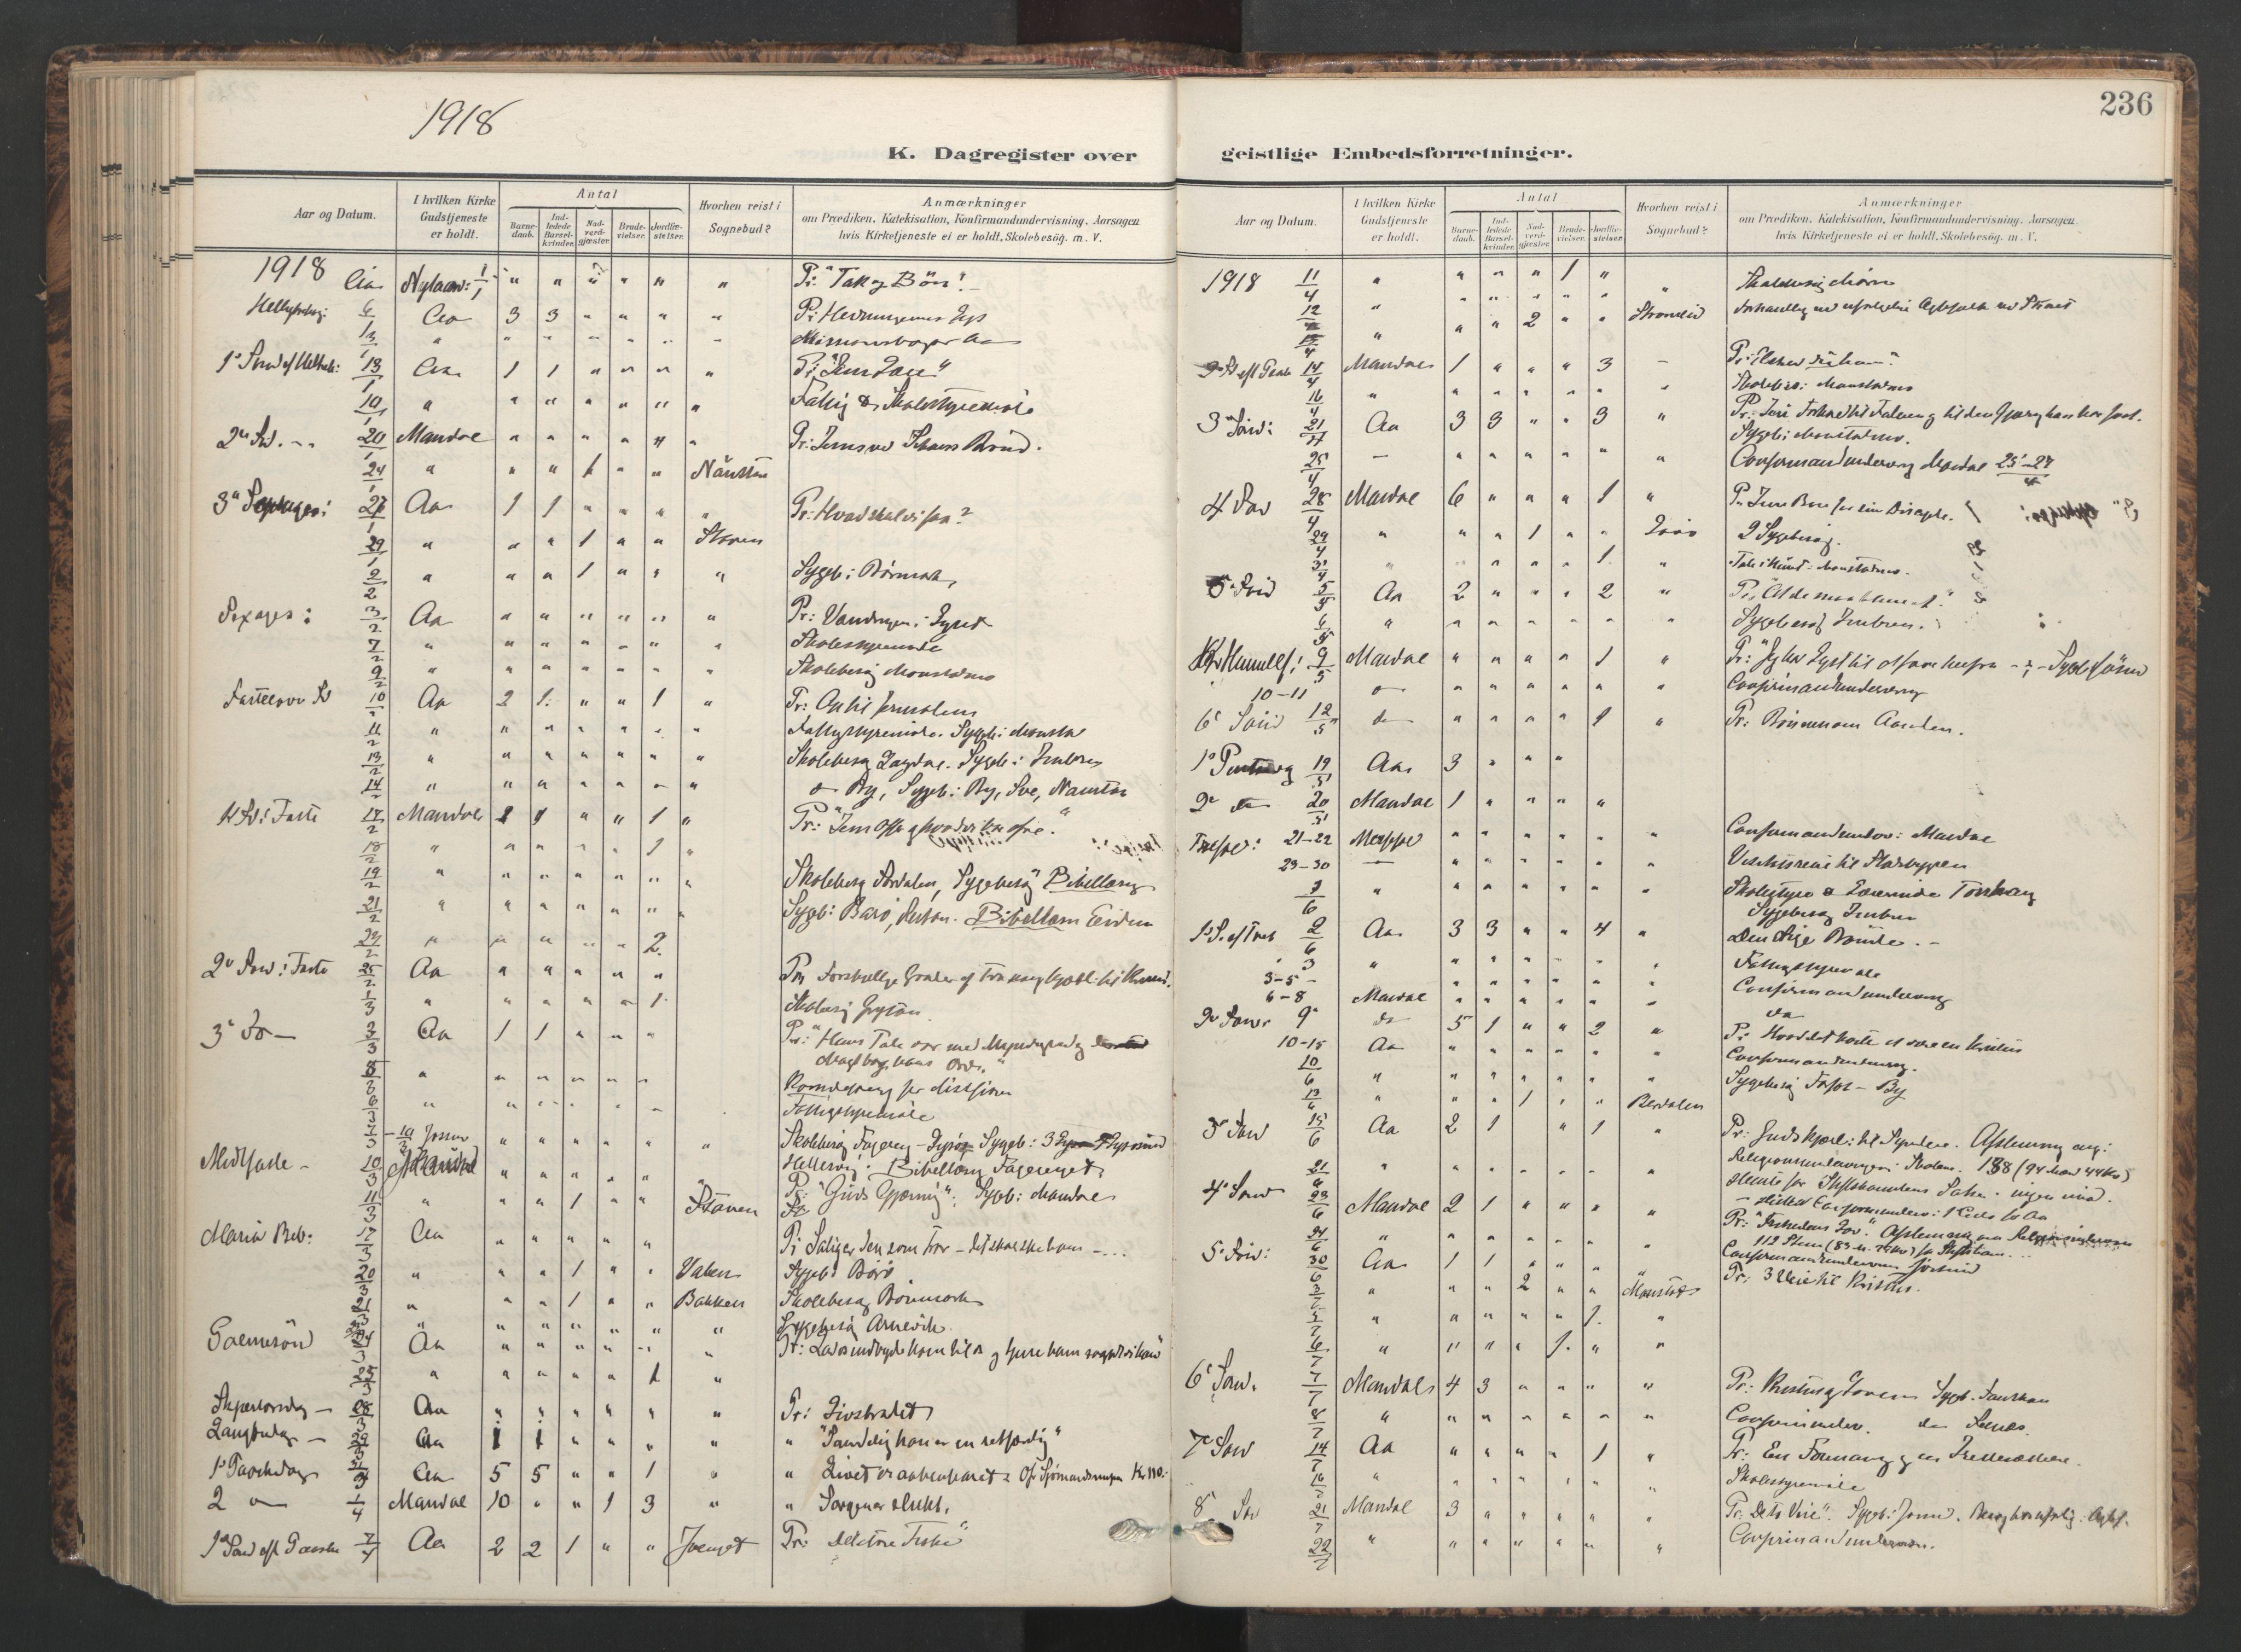 SAT, Ministerialprotokoller, klokkerbøker og fødselsregistre - Sør-Trøndelag, 655/L0682: Ministerialbok nr. 655A11, 1908-1922, s. 236